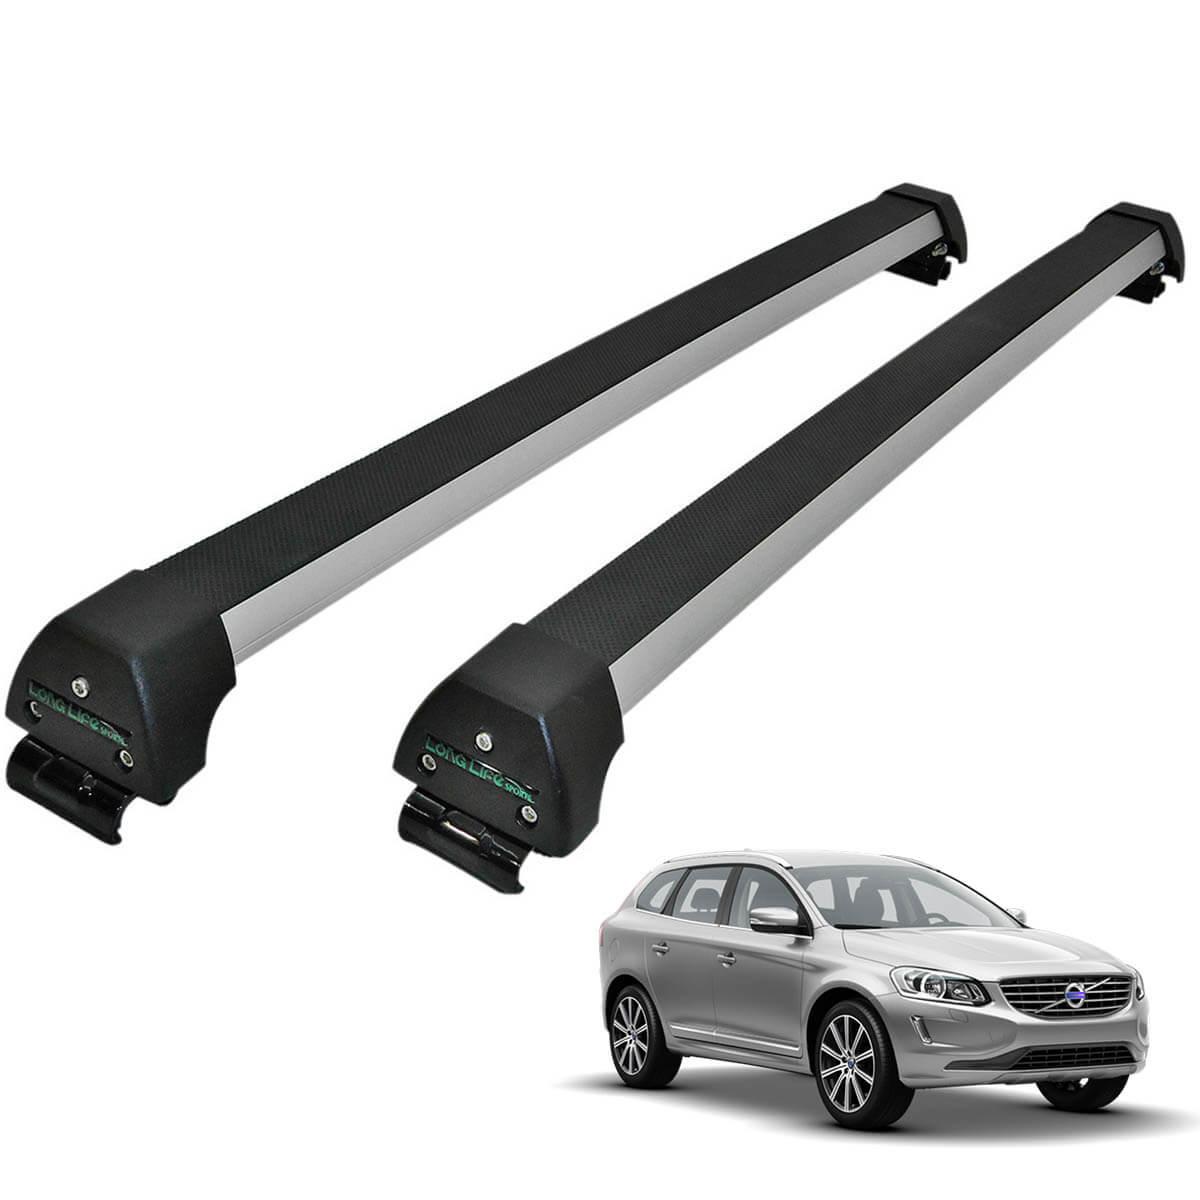 Rack de teto Volvo XC60 2009 a 2016 Long Life Sports anodizado